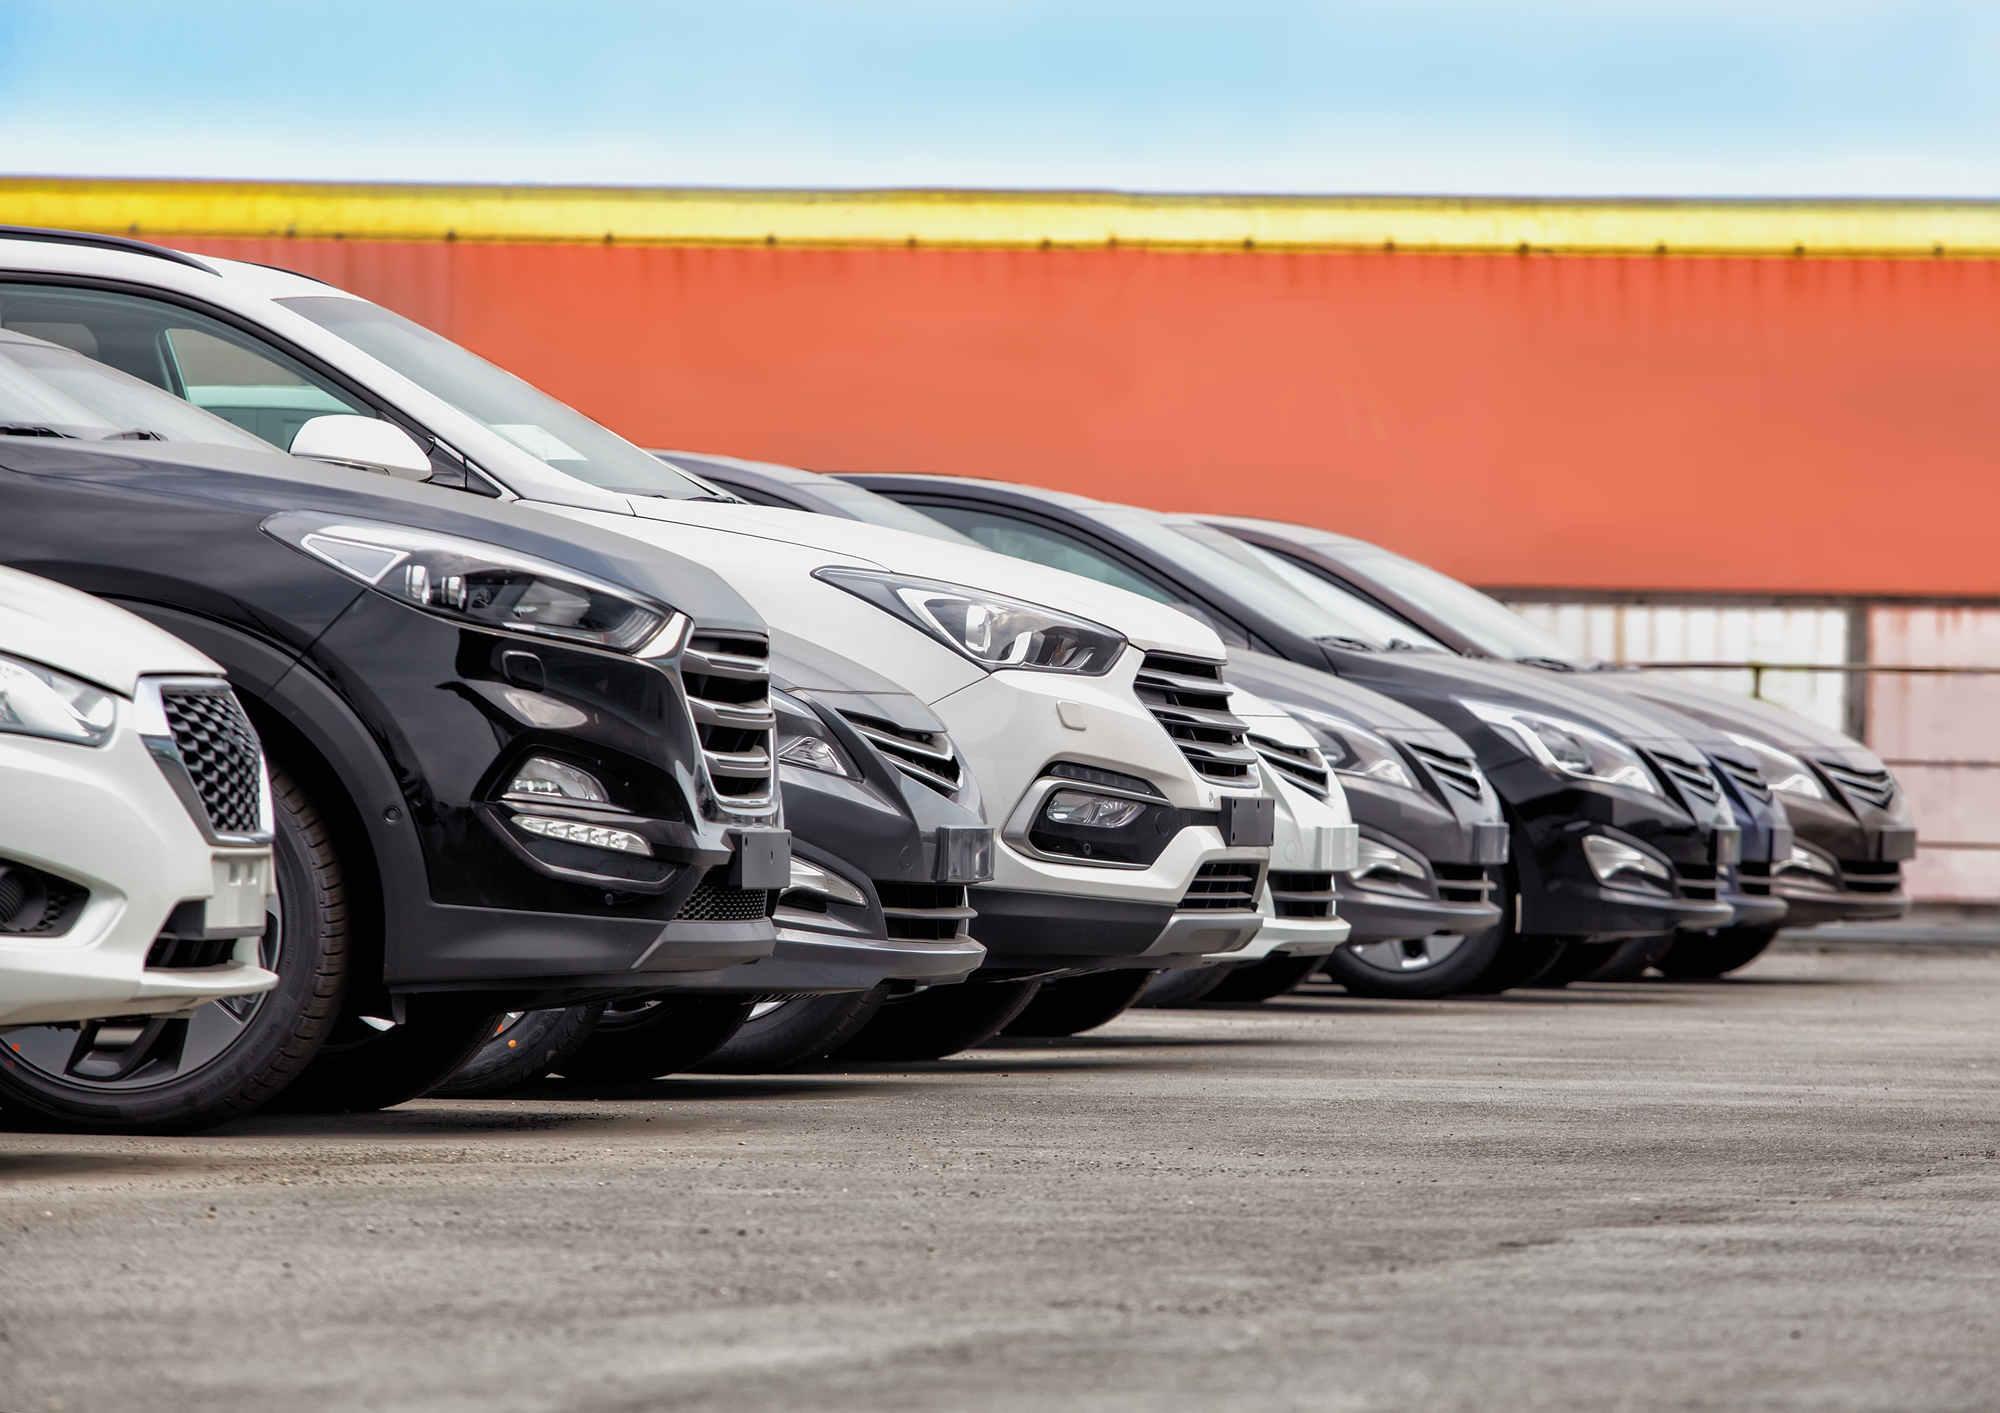 Flota de coches. Familiares en Málaga